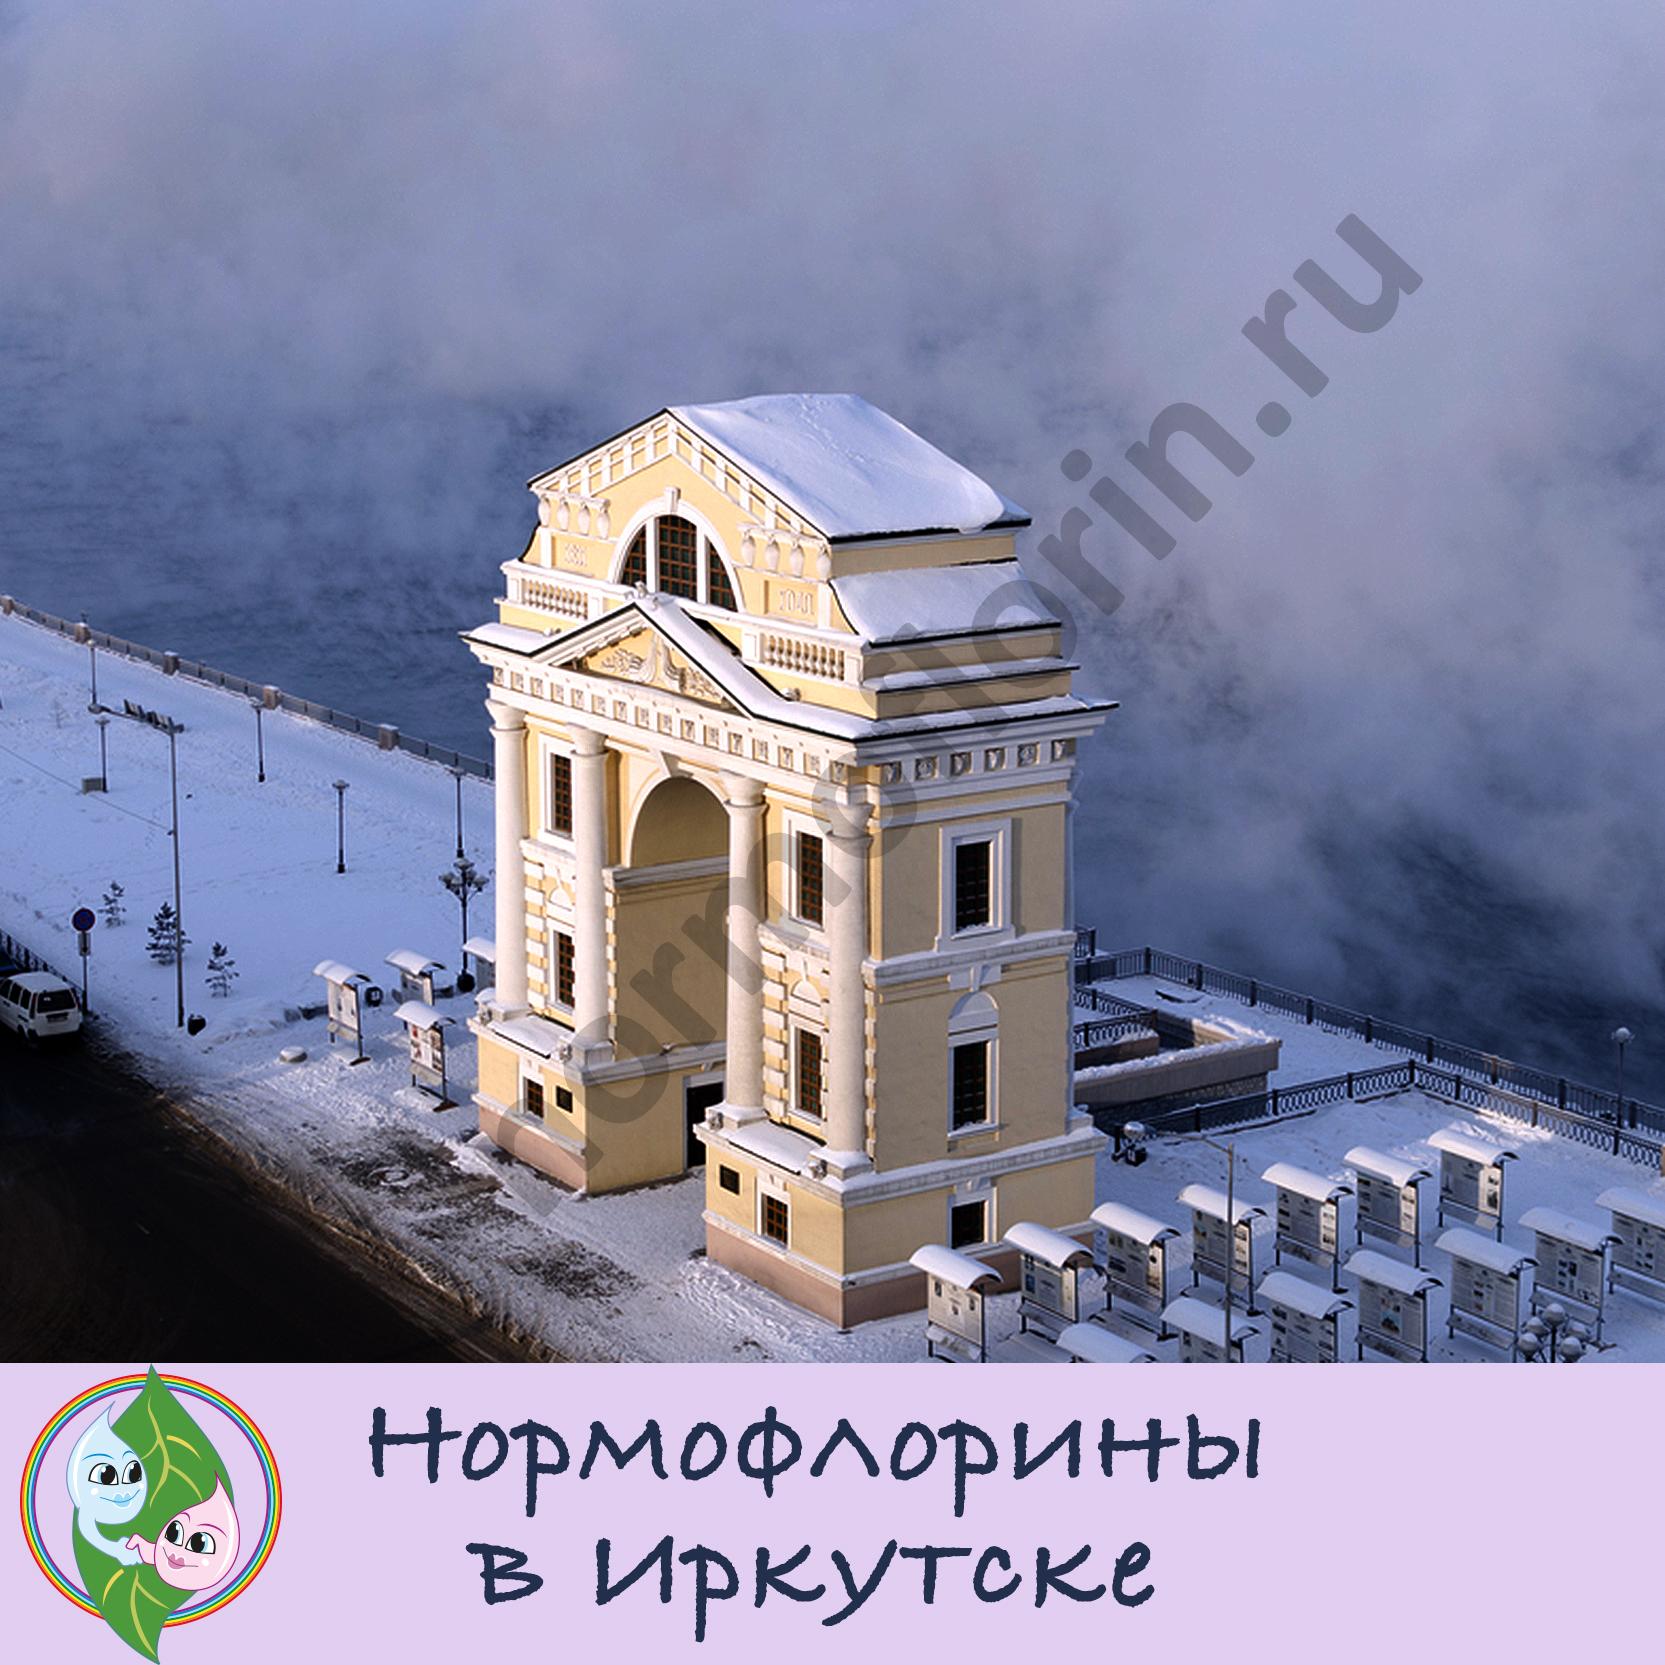 Московские ворота Иркутск